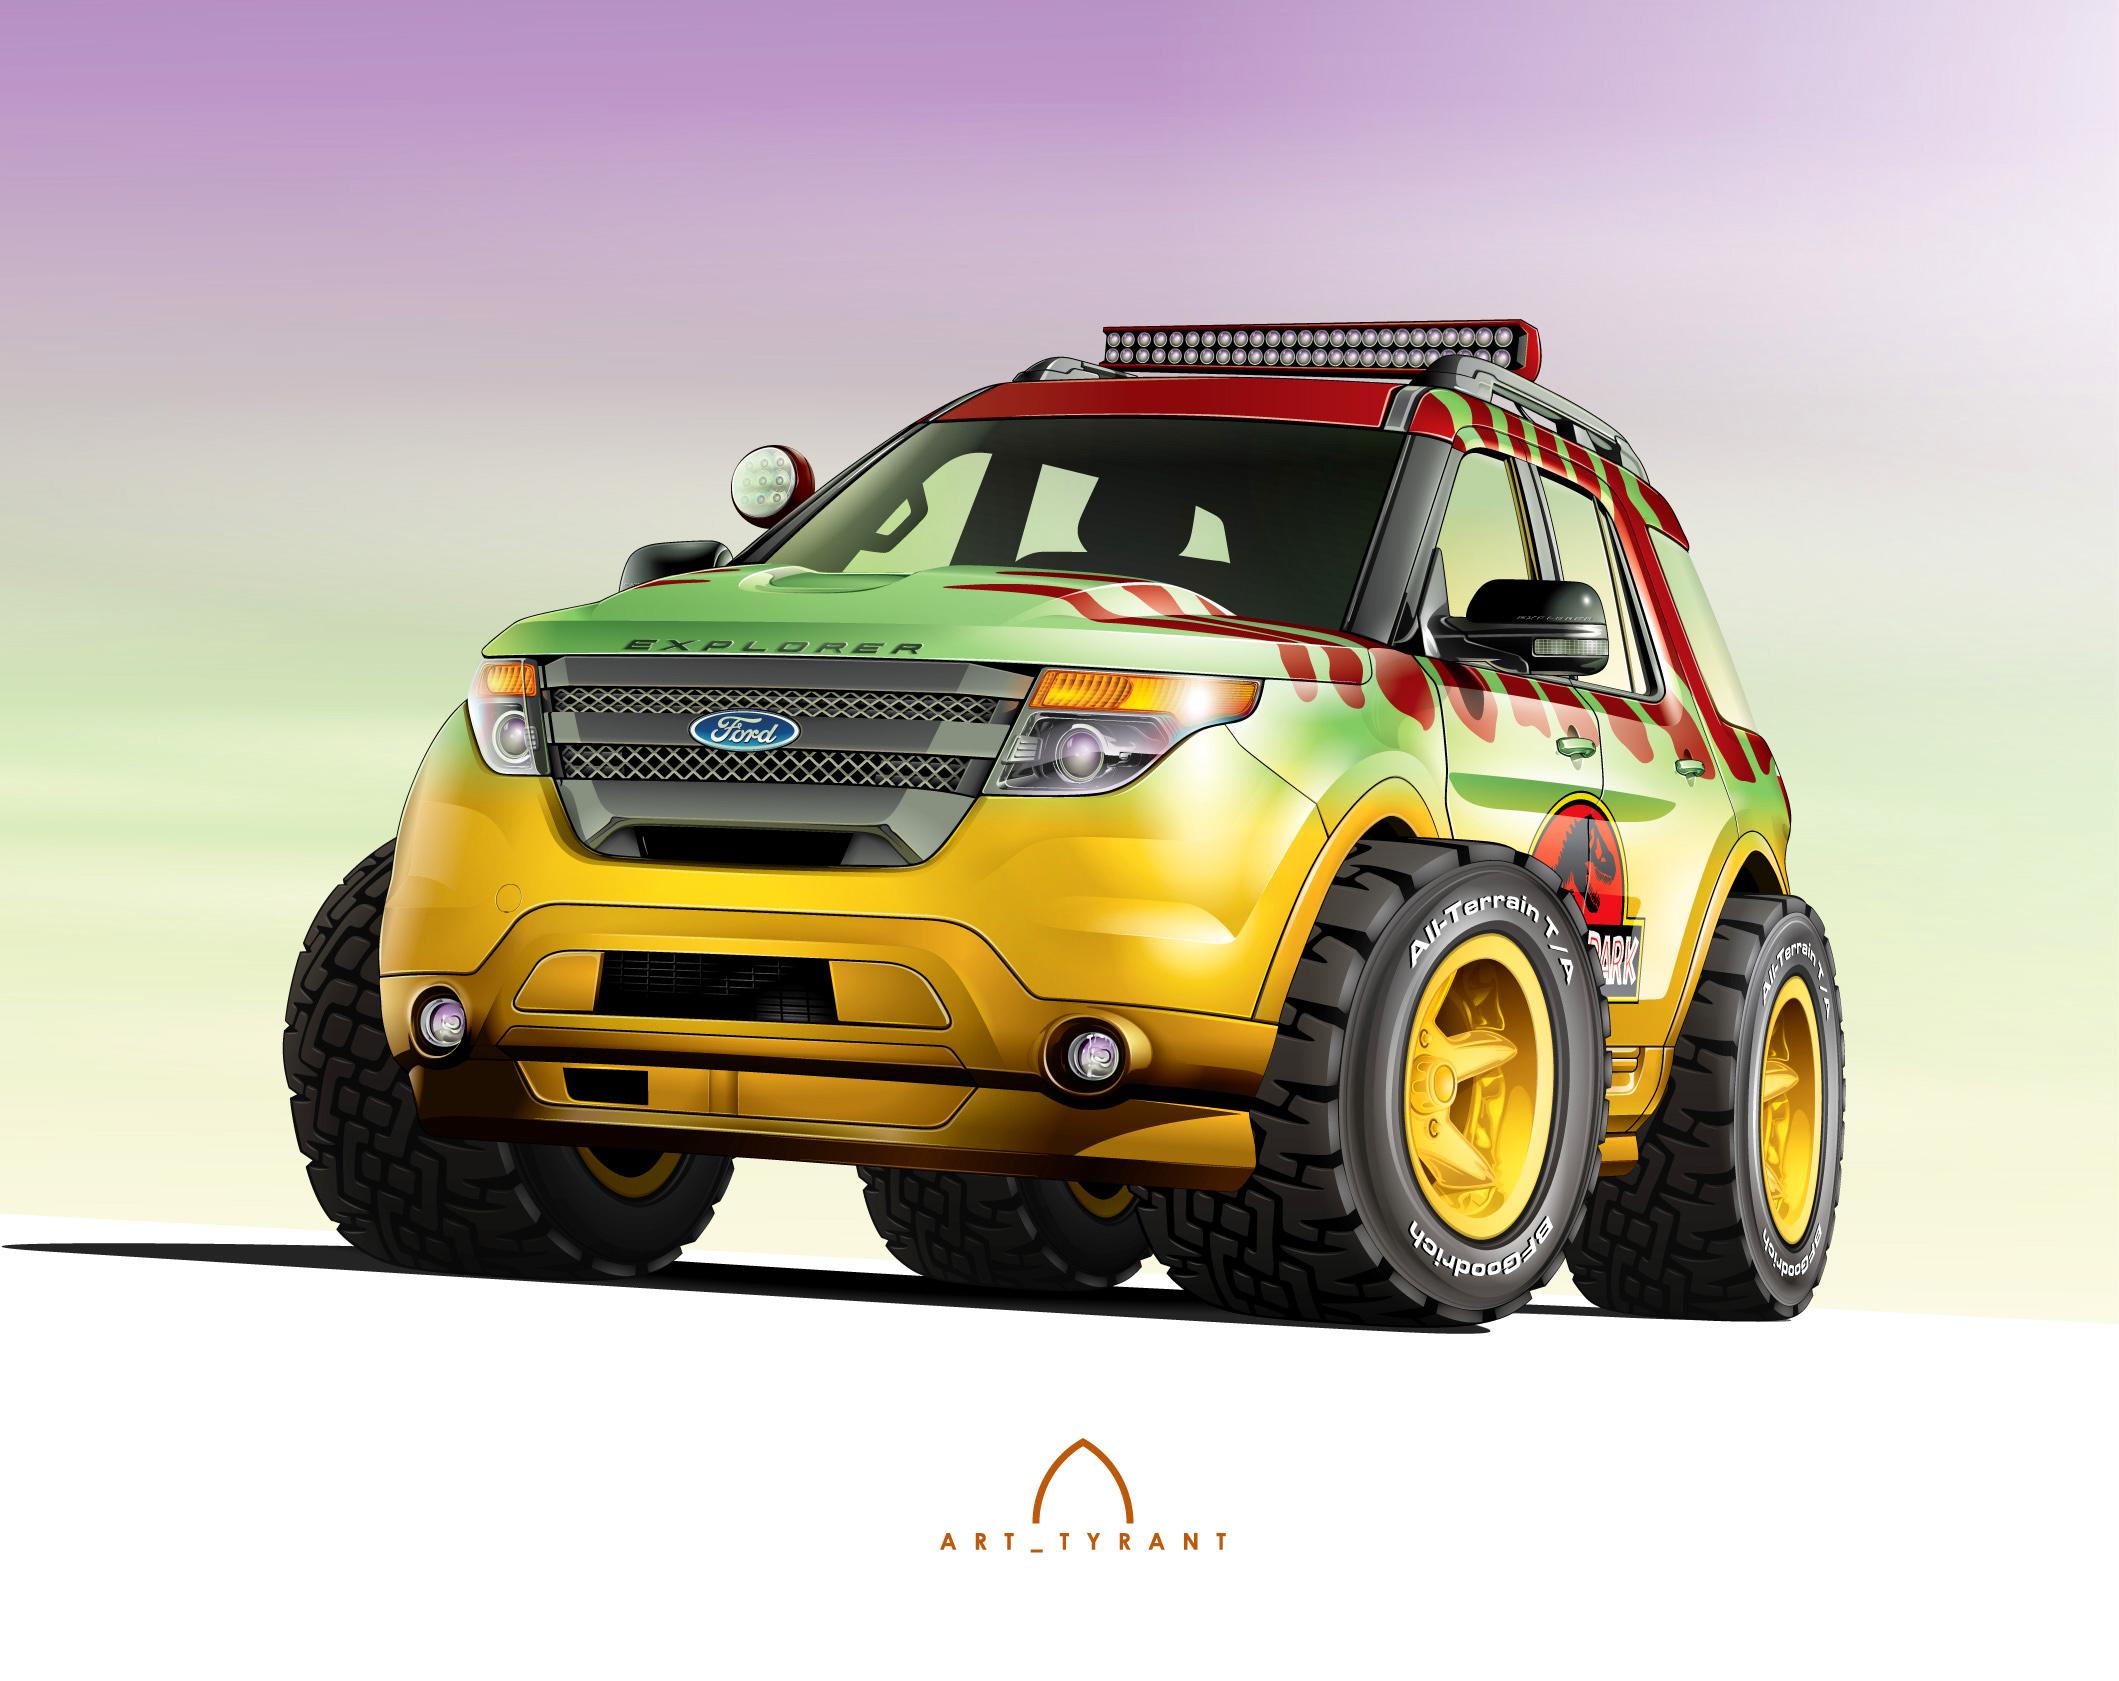 2015 Ford Explorer - Jurassic Park